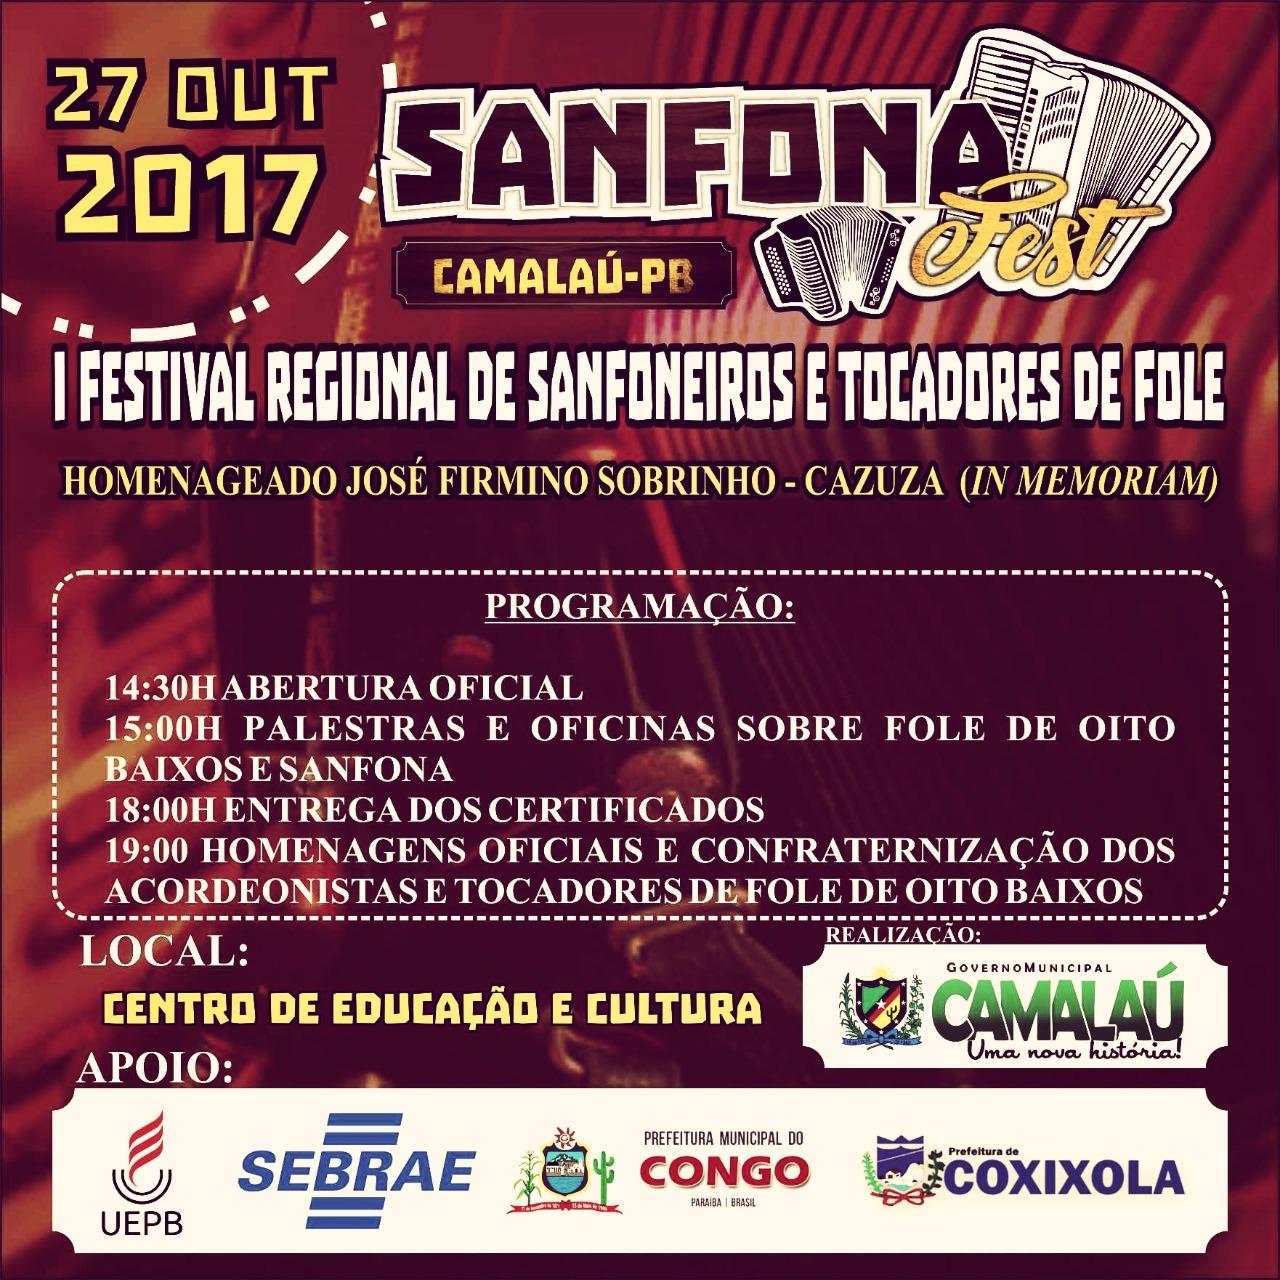 89efb793-f854-40c9-9038-6b9e2482dc13 Vem aí primeiro festival regional de Sanfoneiros e tocadores de fole do Cariri